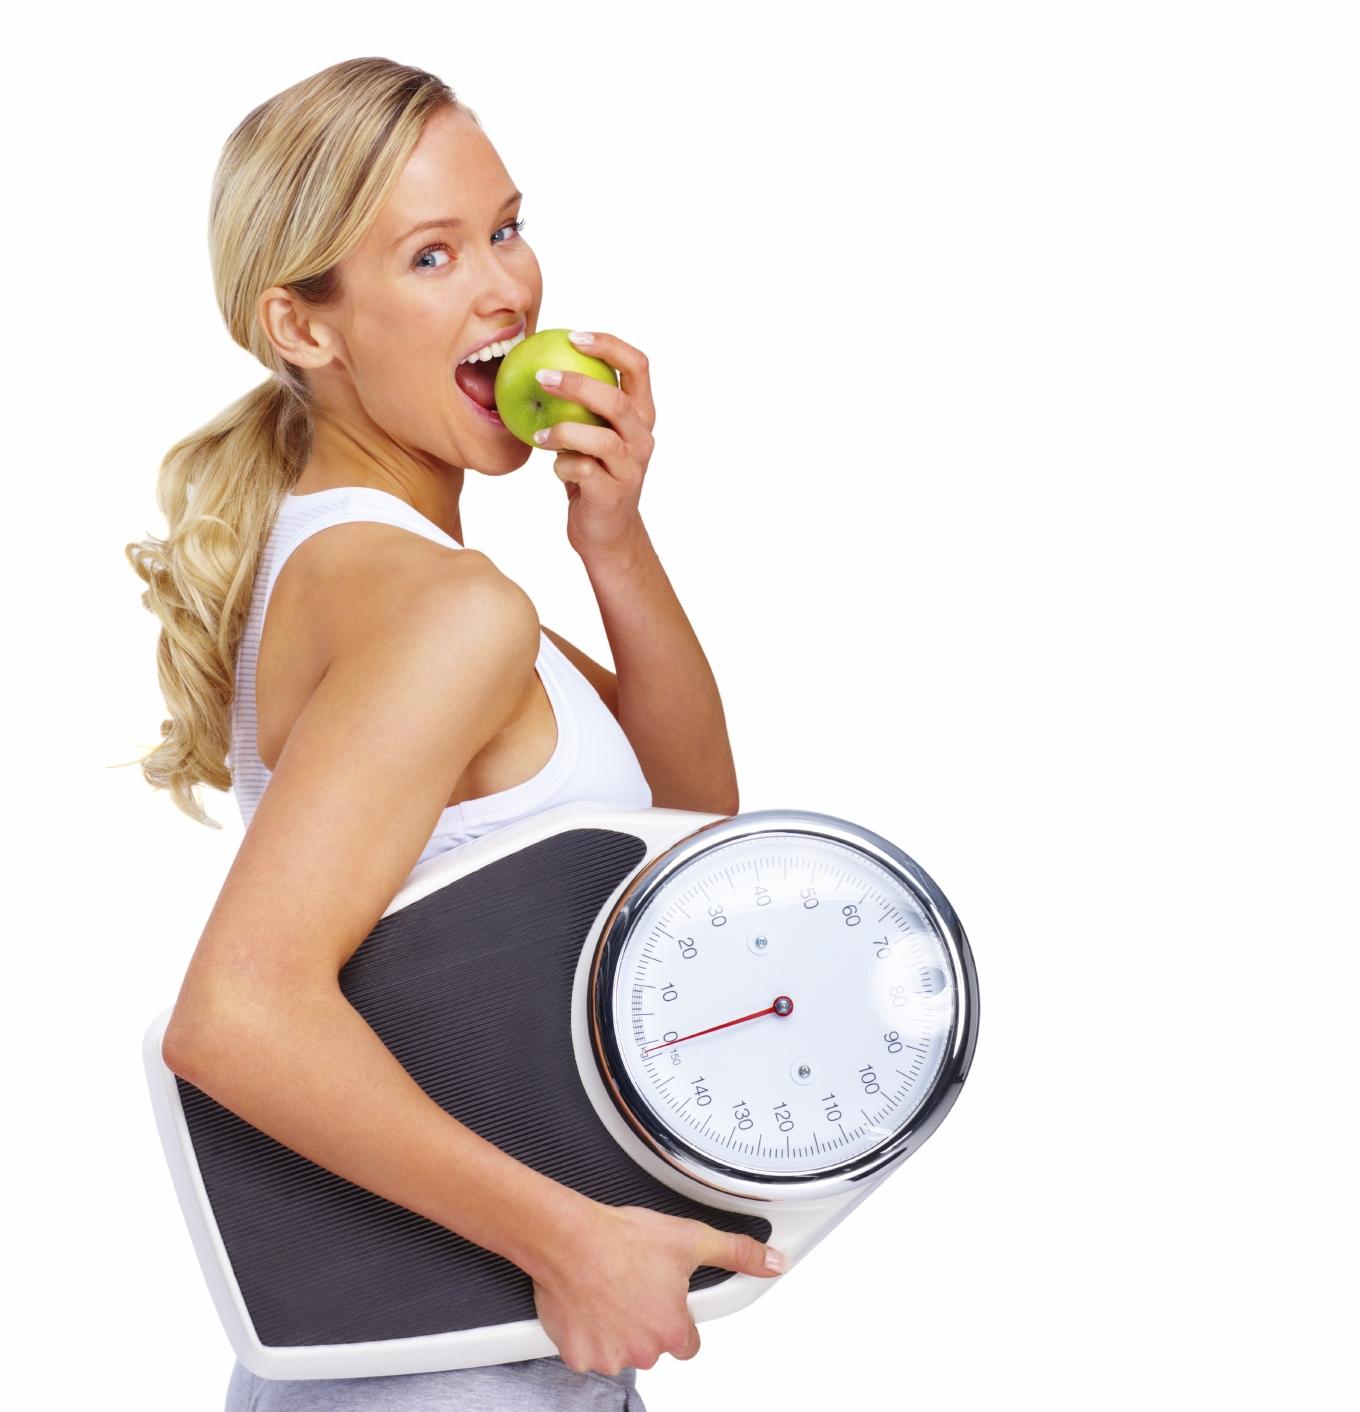 Mantenere il peso forma dopo la dieta